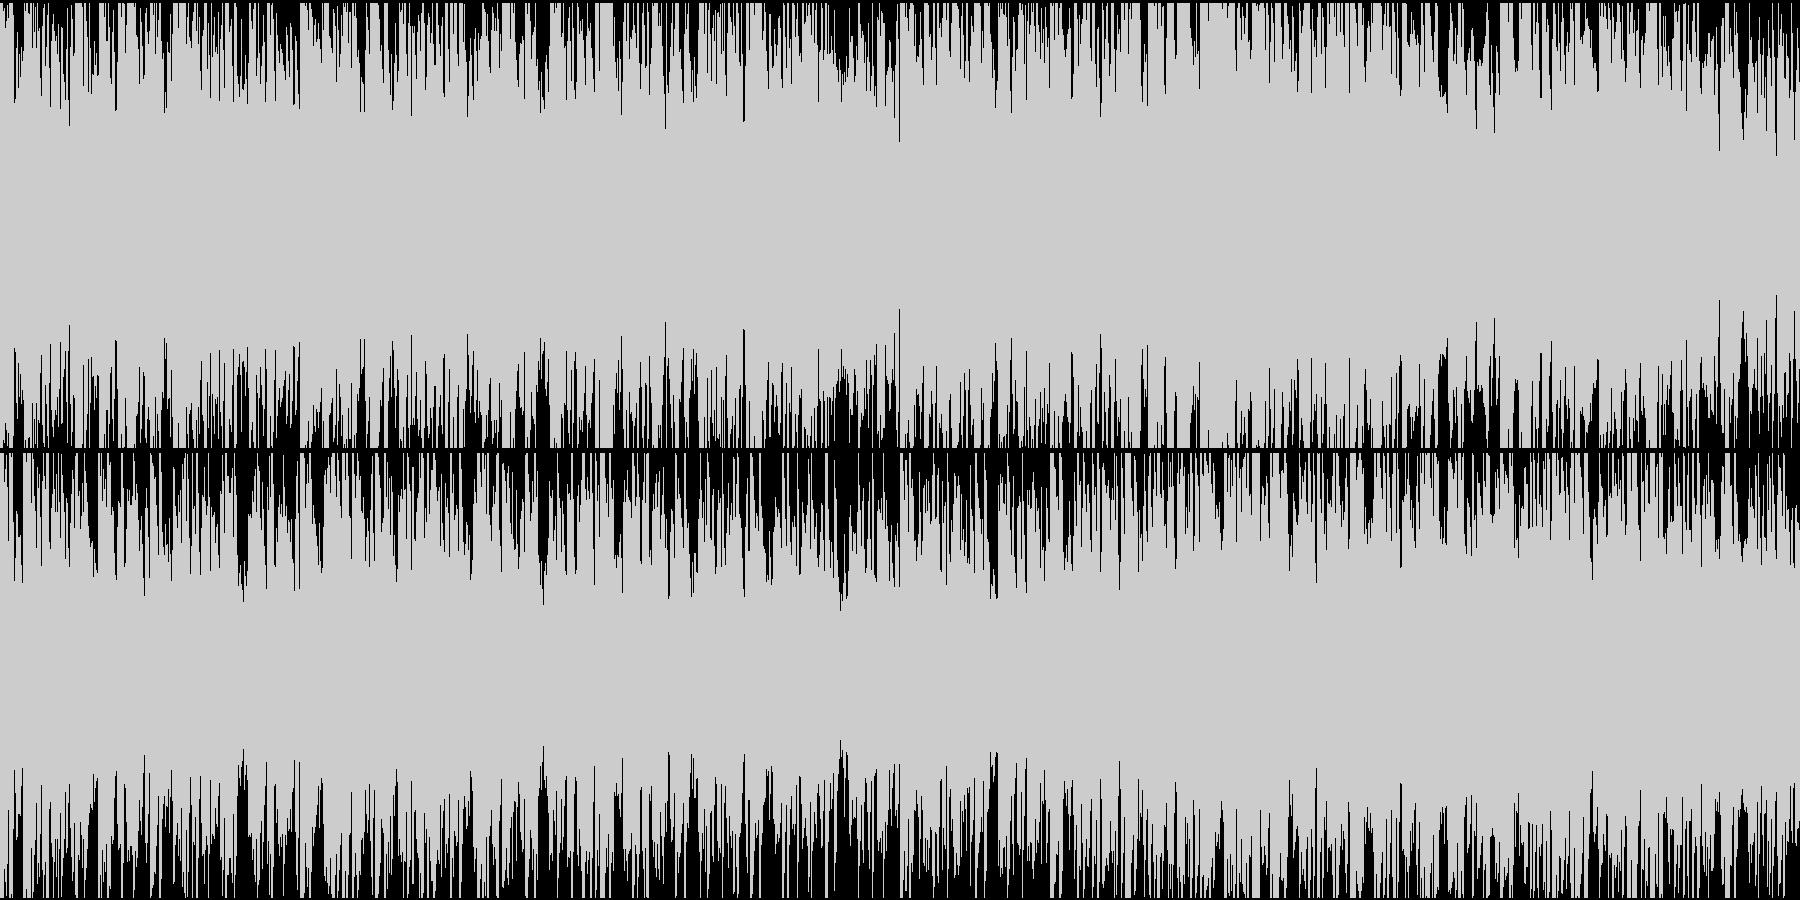 冷たい雰囲気のBGMの未再生の波形